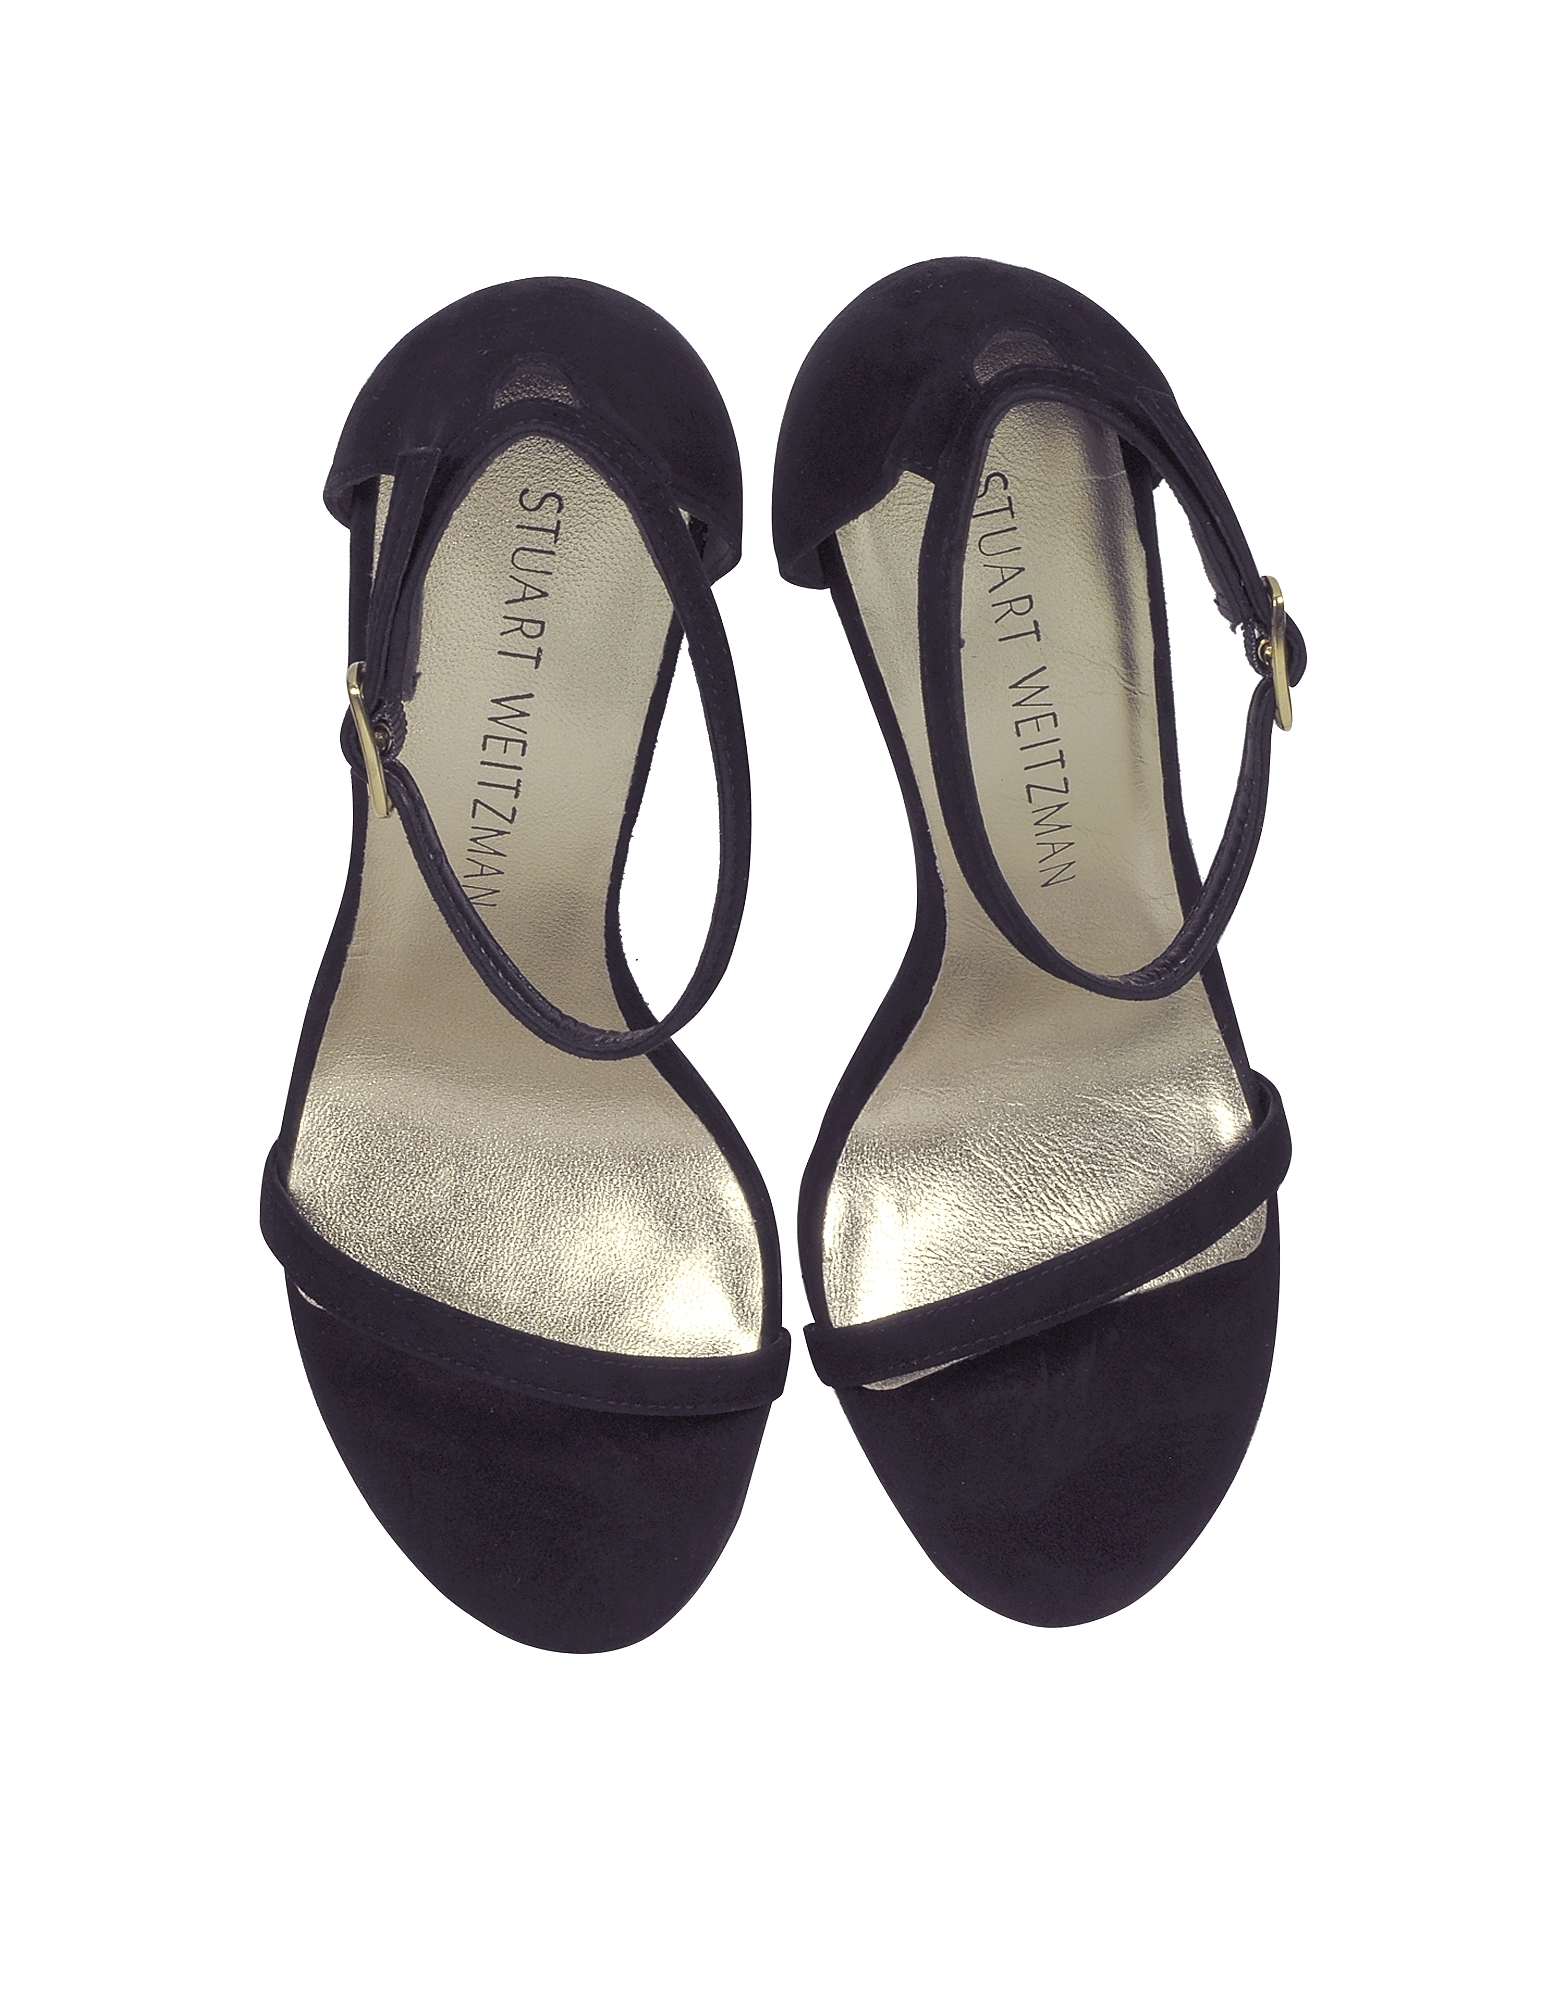 Nudistsong Black Suede High Heel Sandals от Forzieri.com INT